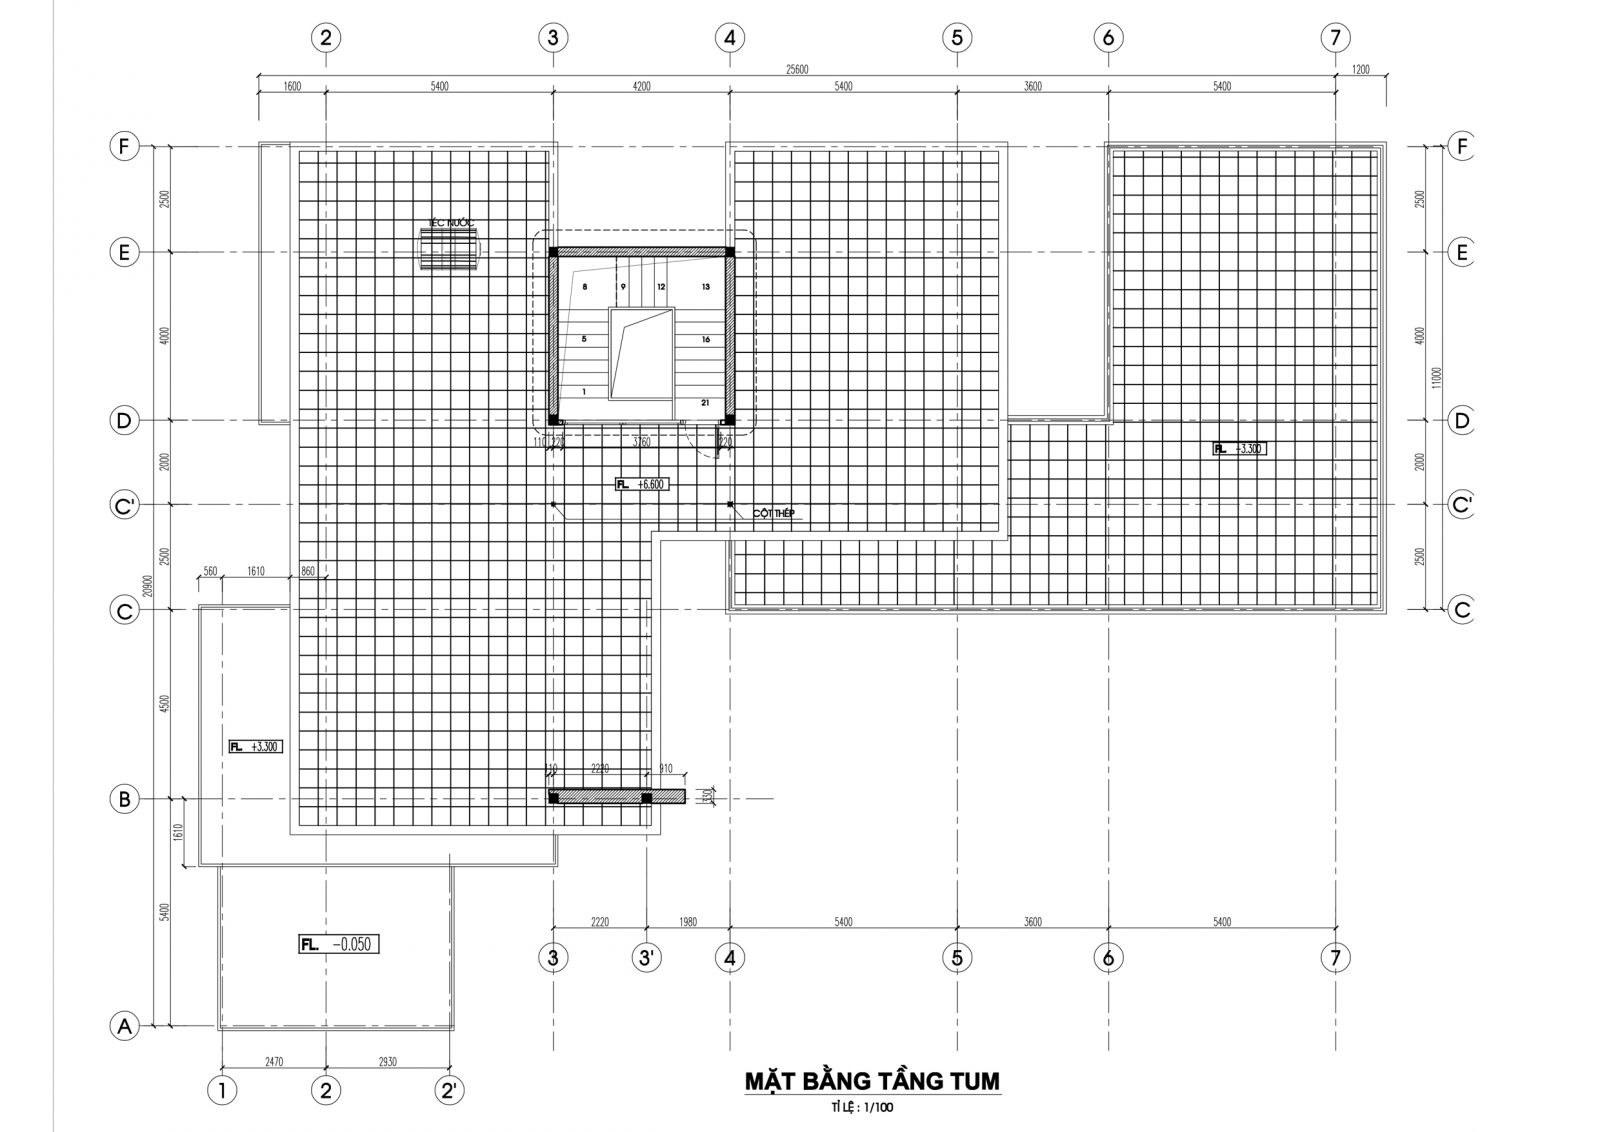 Mặt bằng tầng tum mẫu nhà biệt thự 2 tầng hiện đại